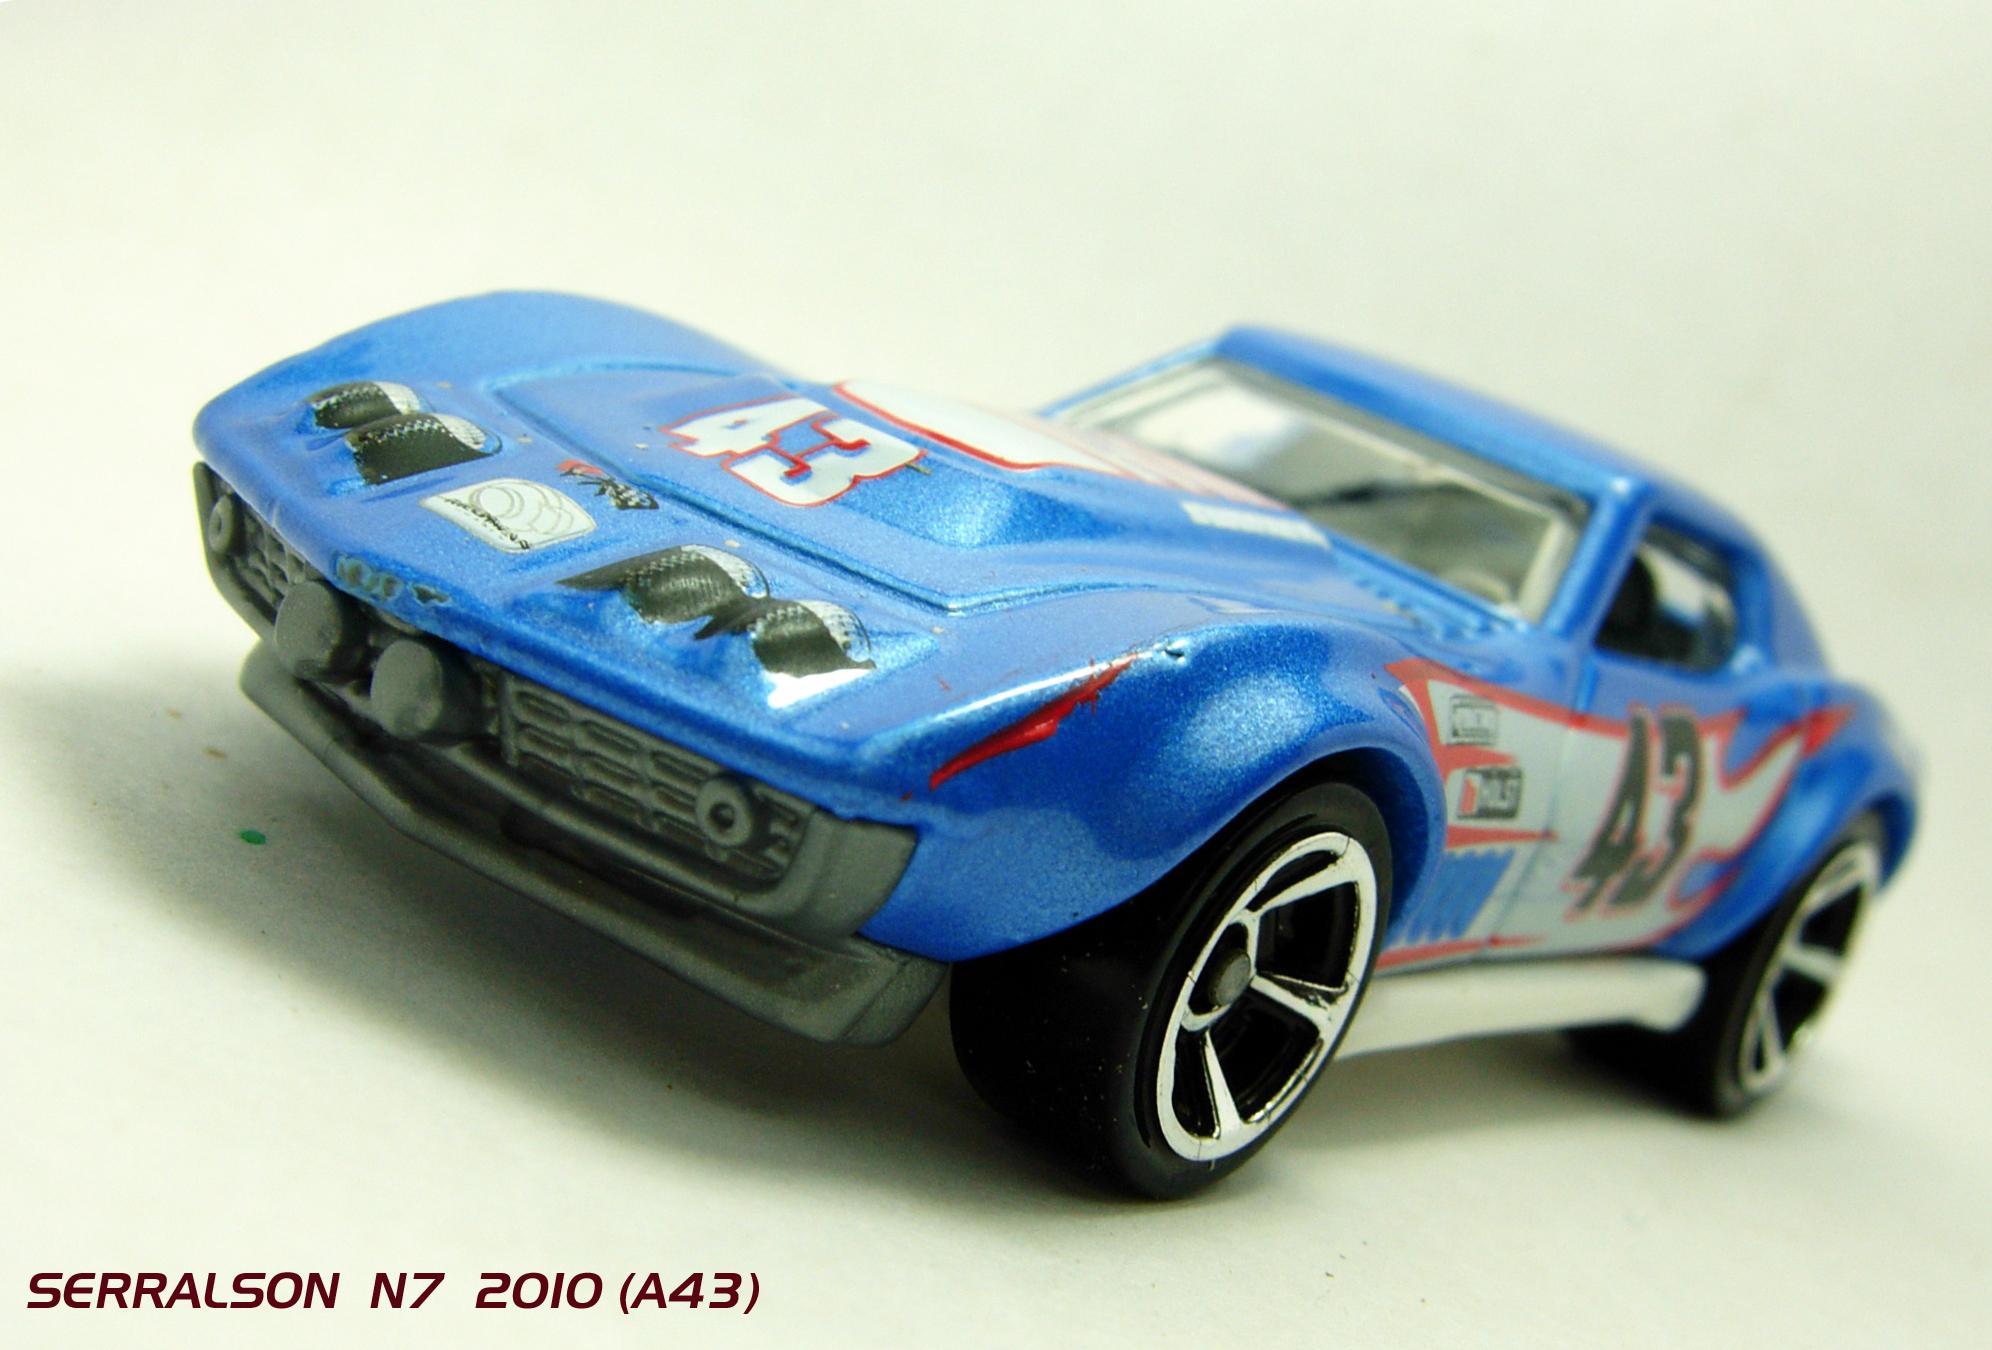 69 Copo Corvette Hot Wheels Wiki Fandom Powered By Wikia